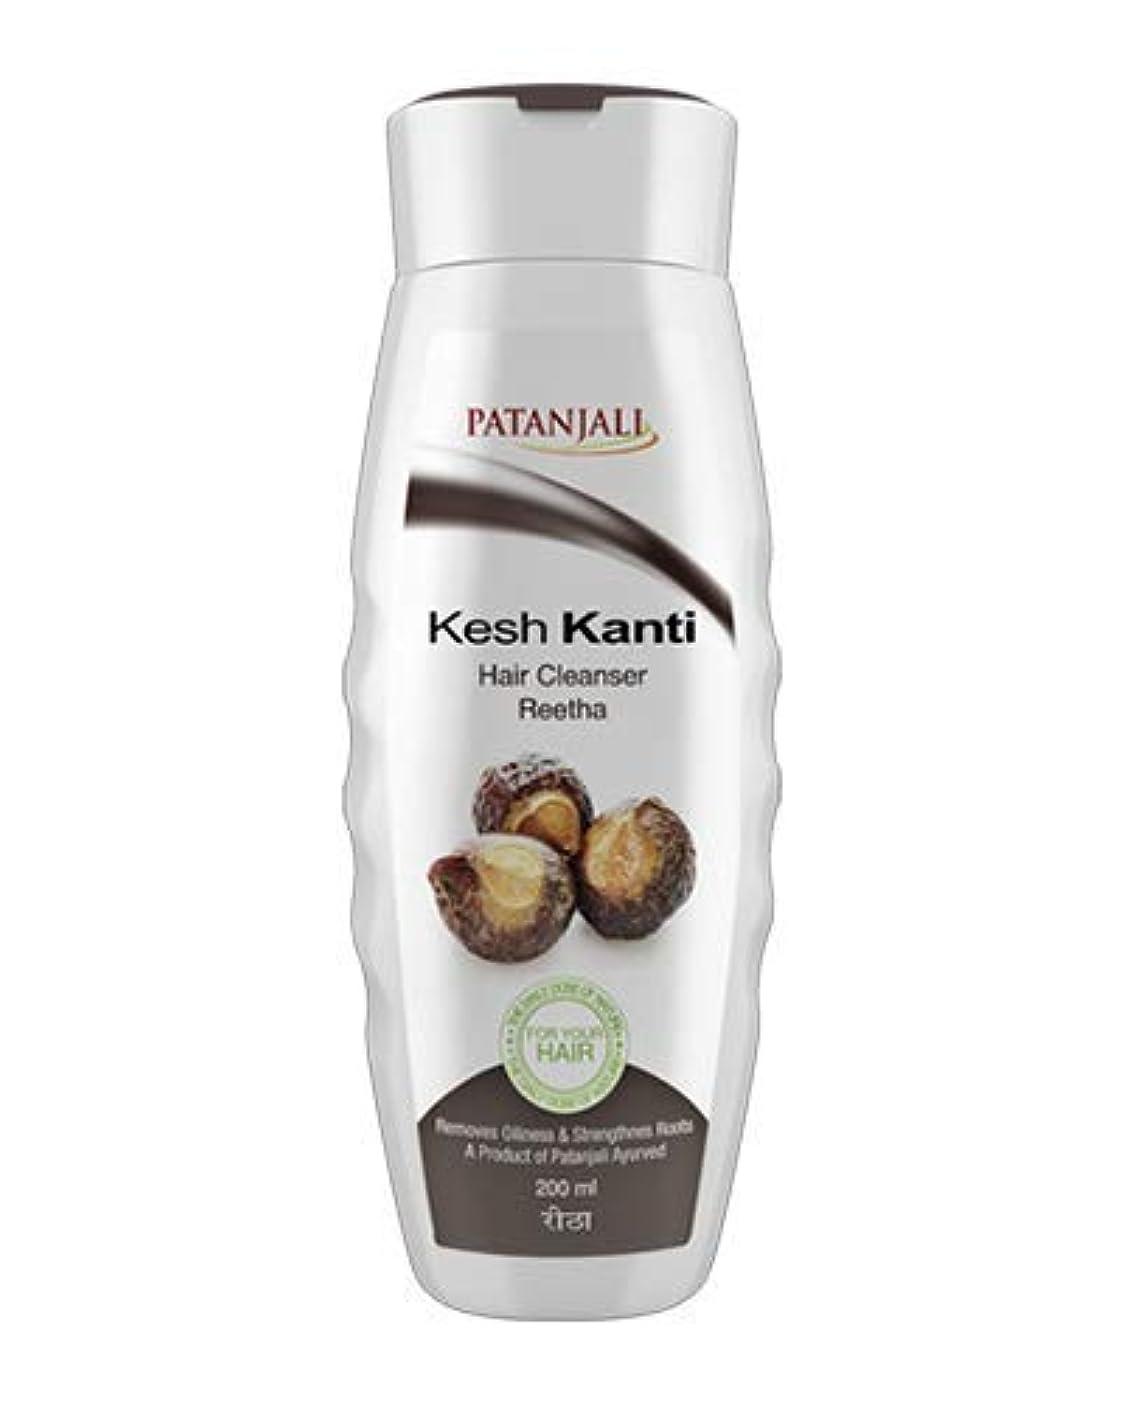 ソロ聴衆円周Patanjali Kesh Kanti Reetha Hair Cleanser Shampoo, 200ml